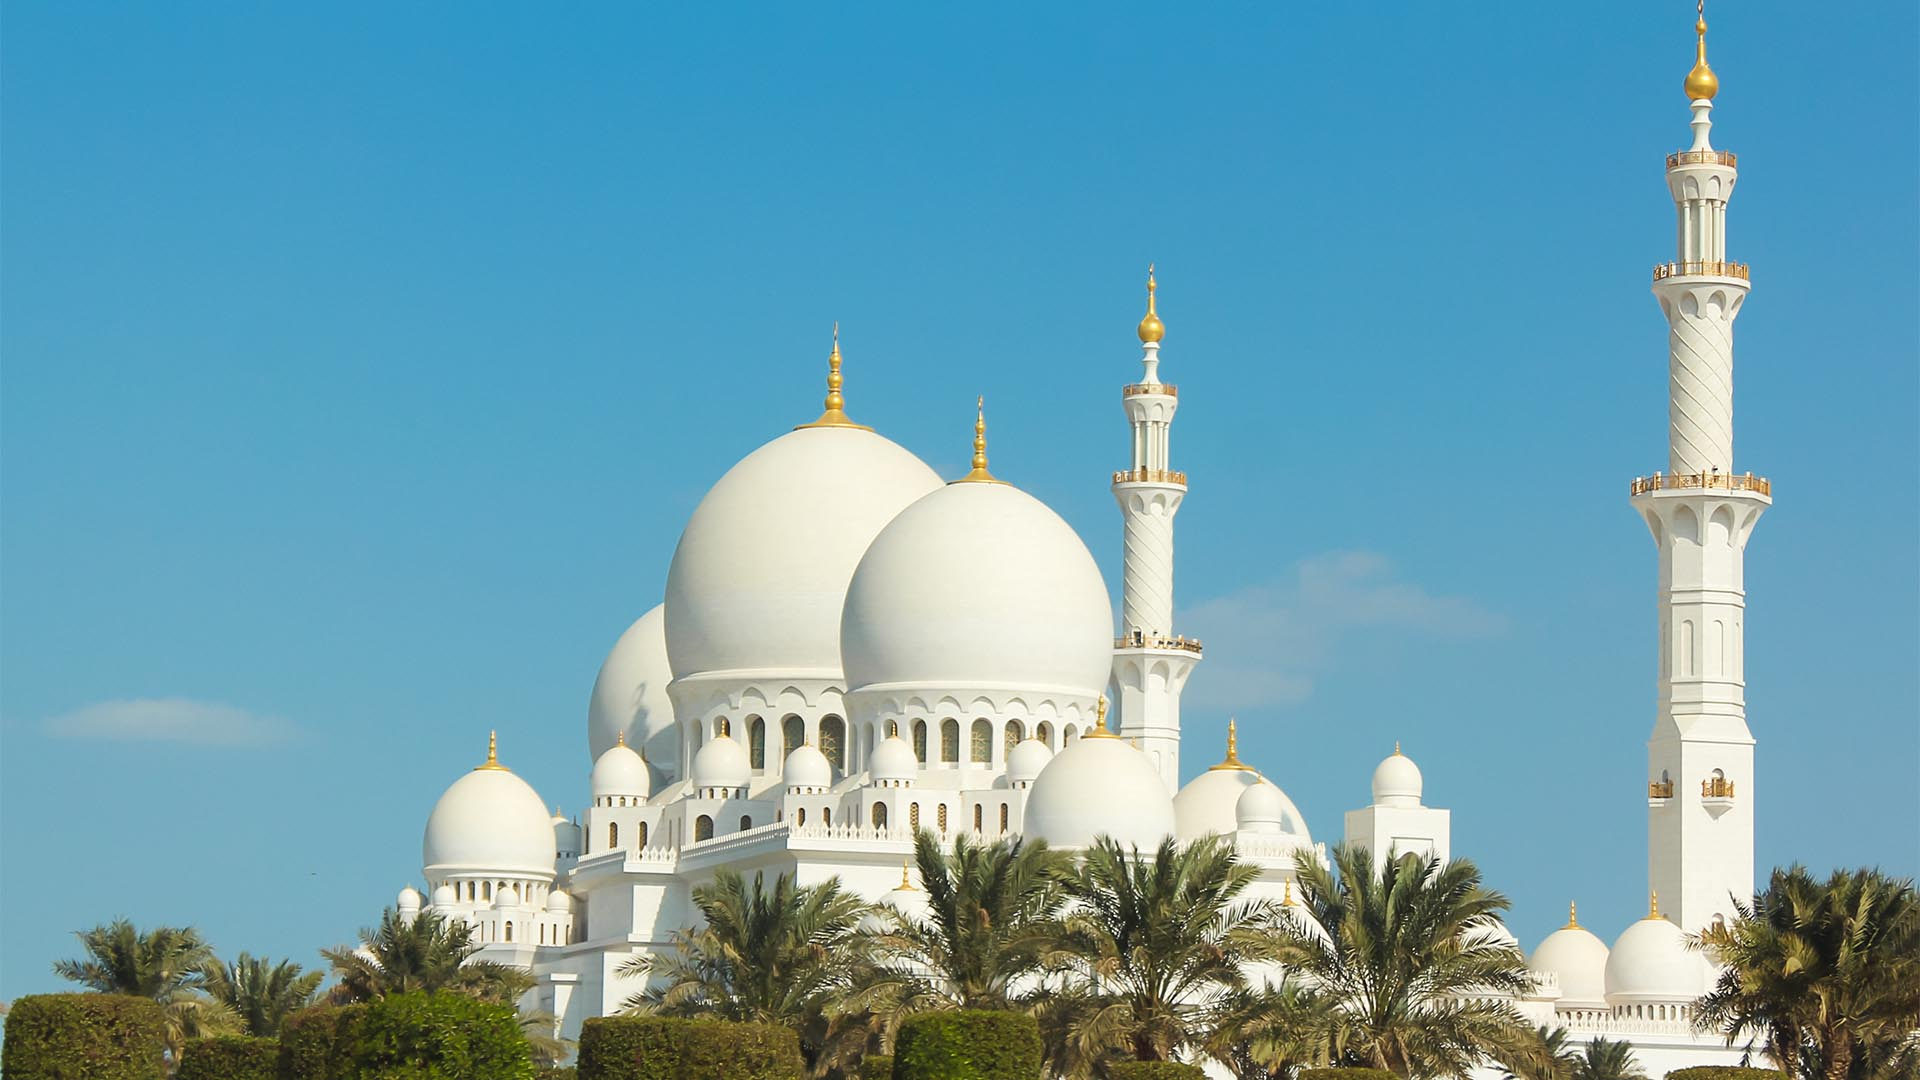 A diferencia de otras ciudades altamente pobladas, Abu Dhabi y Dubai tienen un alto nivel de seguridad, y los delitos violentos son extremadamente raros, pero ocurren delitos menores y se deben tomar precauciones normales